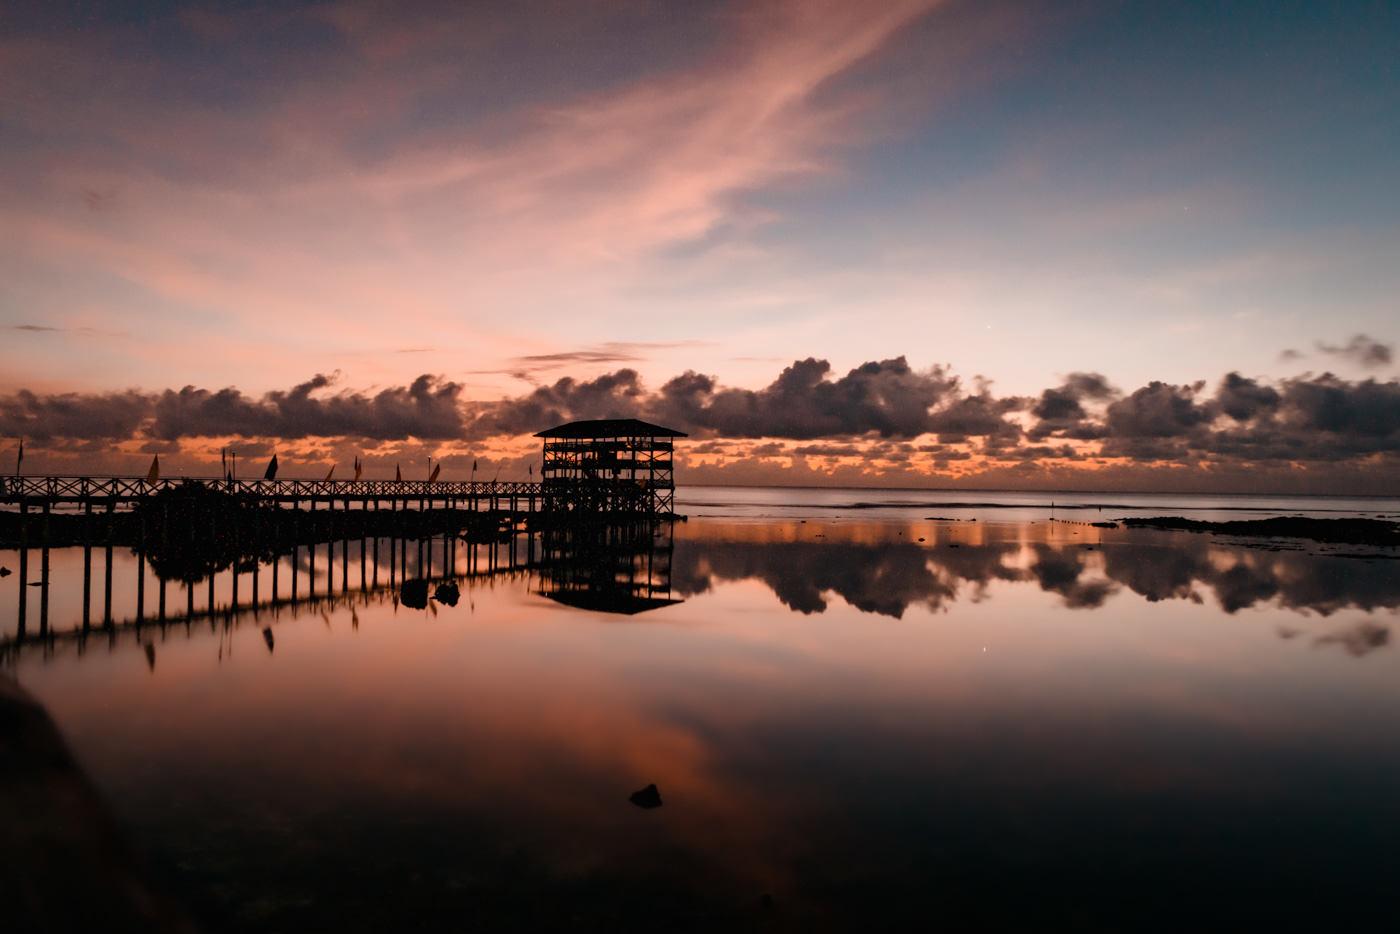 Boardwalk Cloud 9 auf Siargao